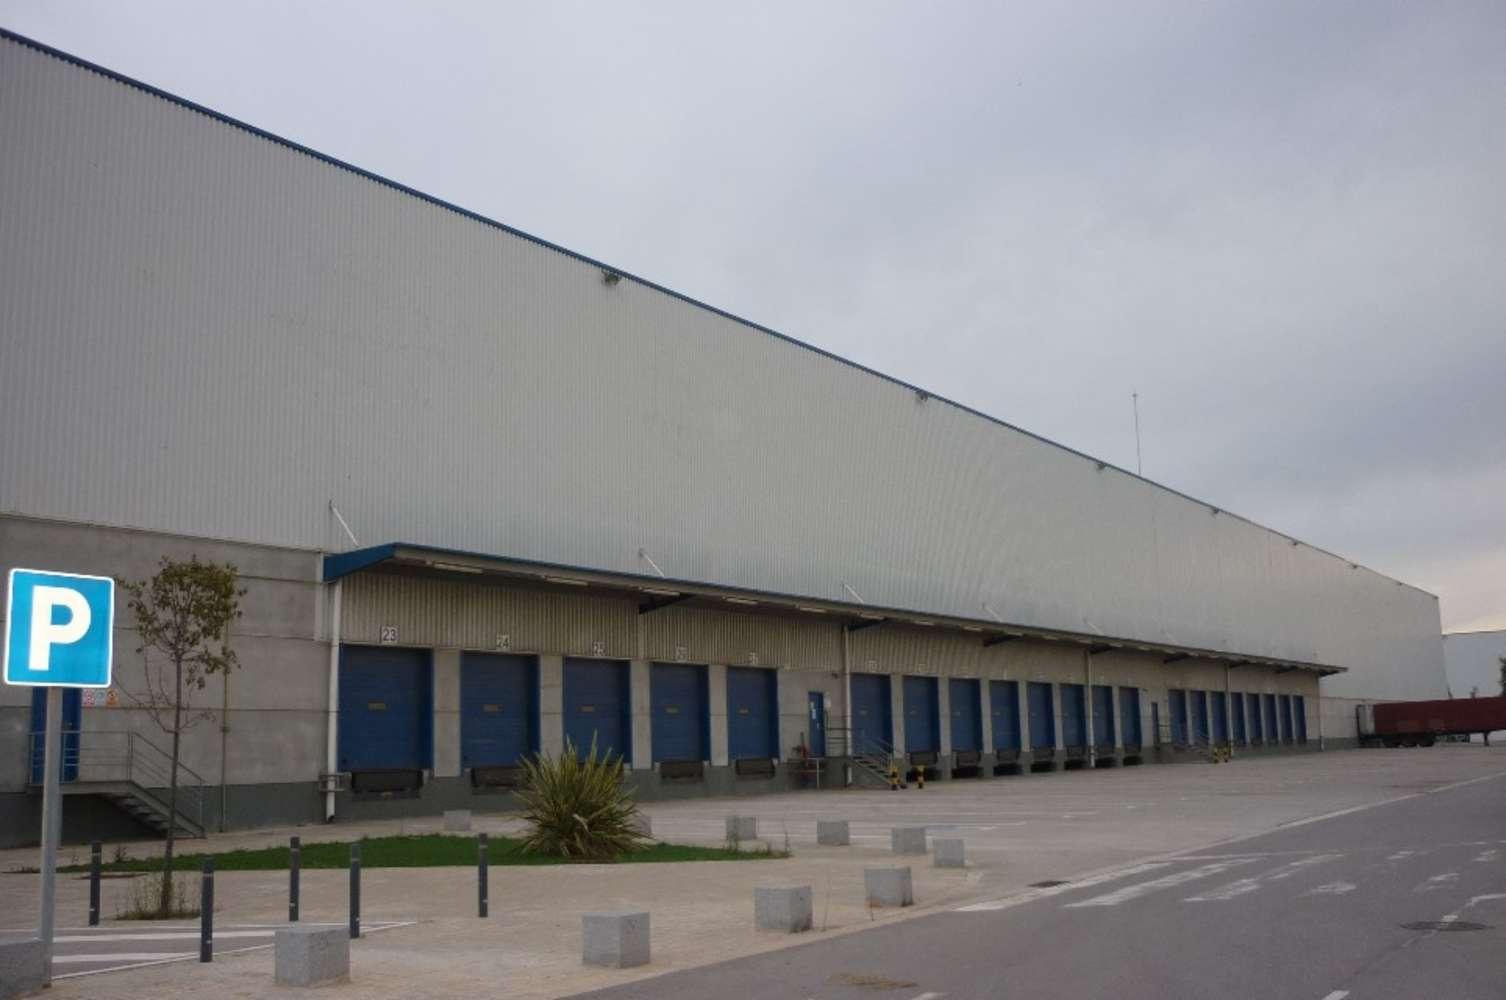 Naves industriales y logísticas Barcelona, 08040 - Nave Logistica - B0047 - ZAL I PUERTO DE BARCELONA - 3328